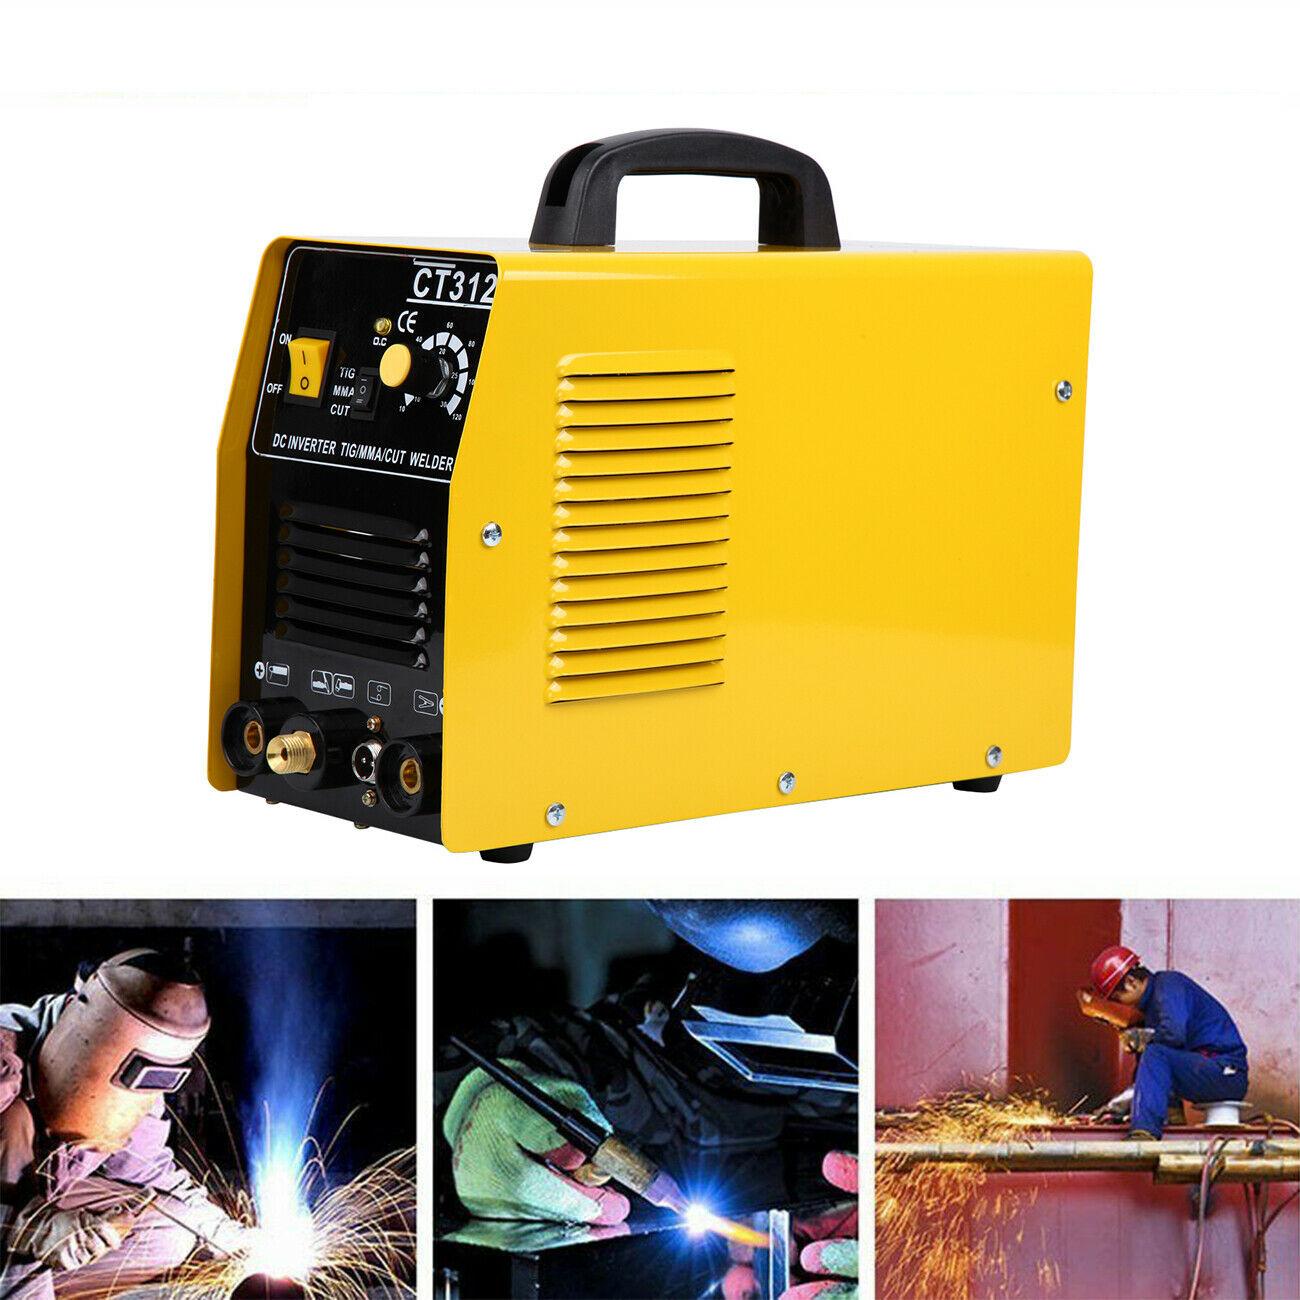 Equipo multifuncion Honhill CT312 cortador de Plasma CNC soldadura TIG/corte/MMA 3 en 1